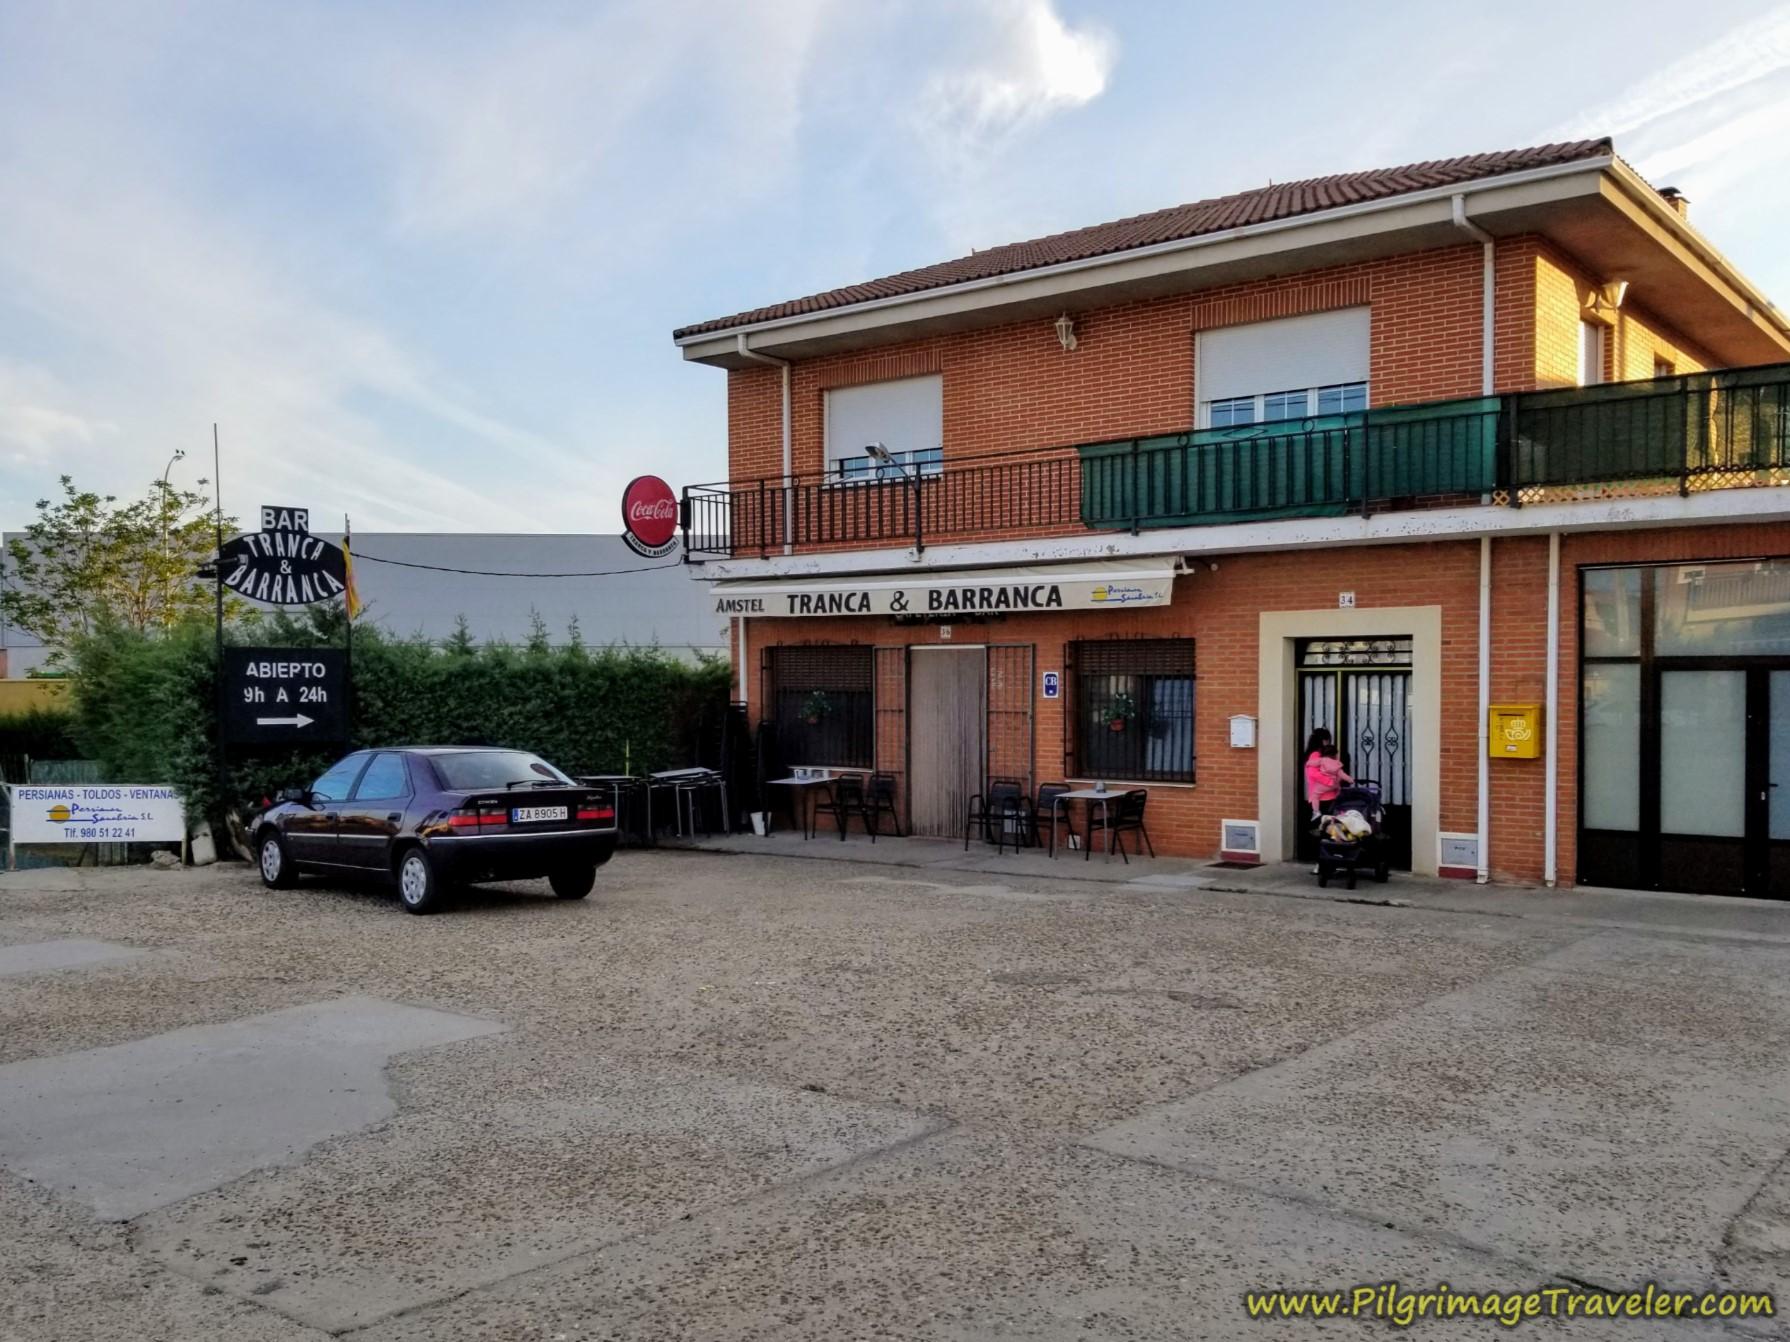 Café Bar Tranca y Barranca on the Vía de la Plata from Zamora to Montamarta